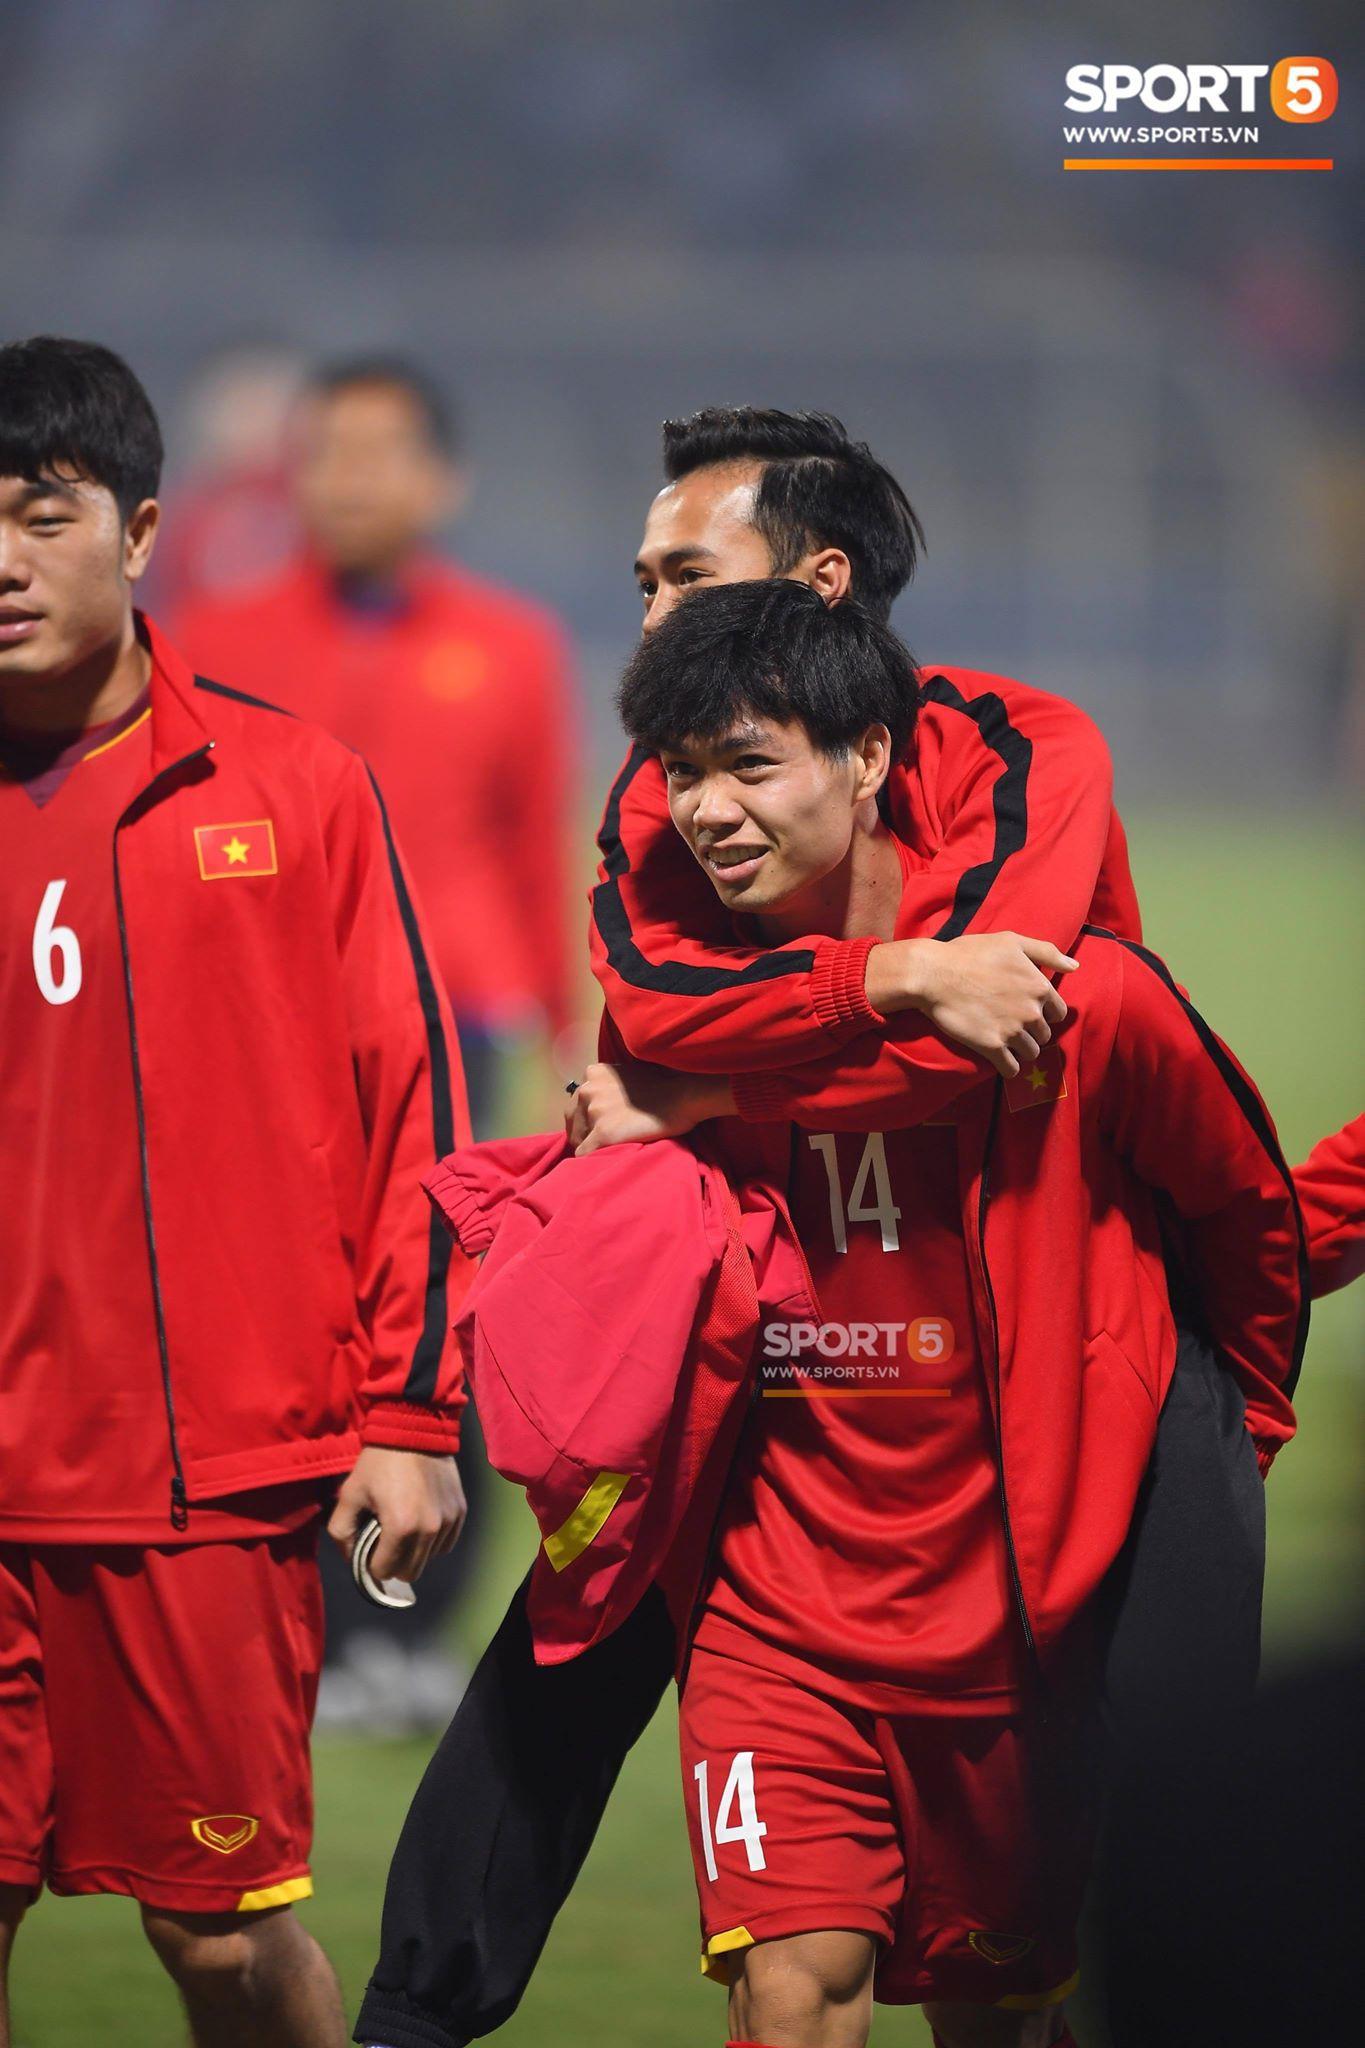 Công Phượng ở cùng phòng với Văn Toàn từ năm 11 tuổi, khi mới lên học viện HAGL. Sau trận đấu với Campuchia, Phượng chạy tới cõng Văn Toàn vào phòng thay đồ cùng toàn đội. Ảnh: Tiến Tuấn.